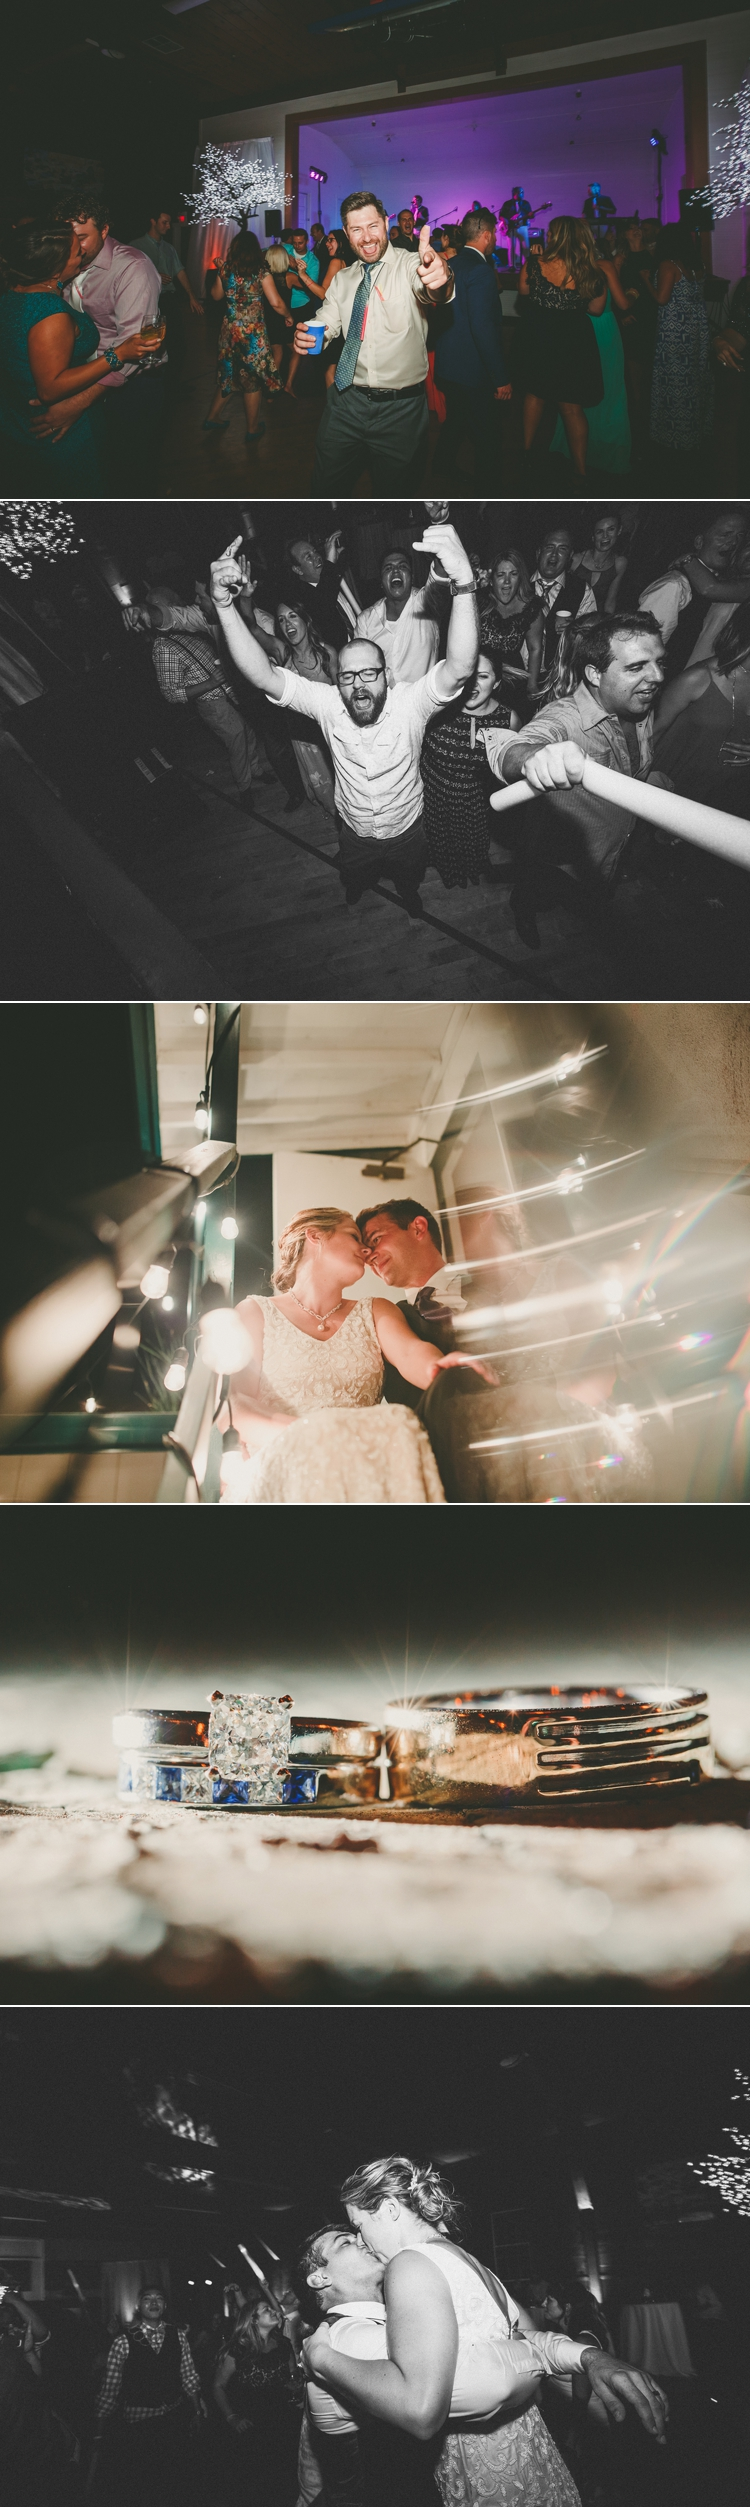 sutter-creek-wedding-photography-24